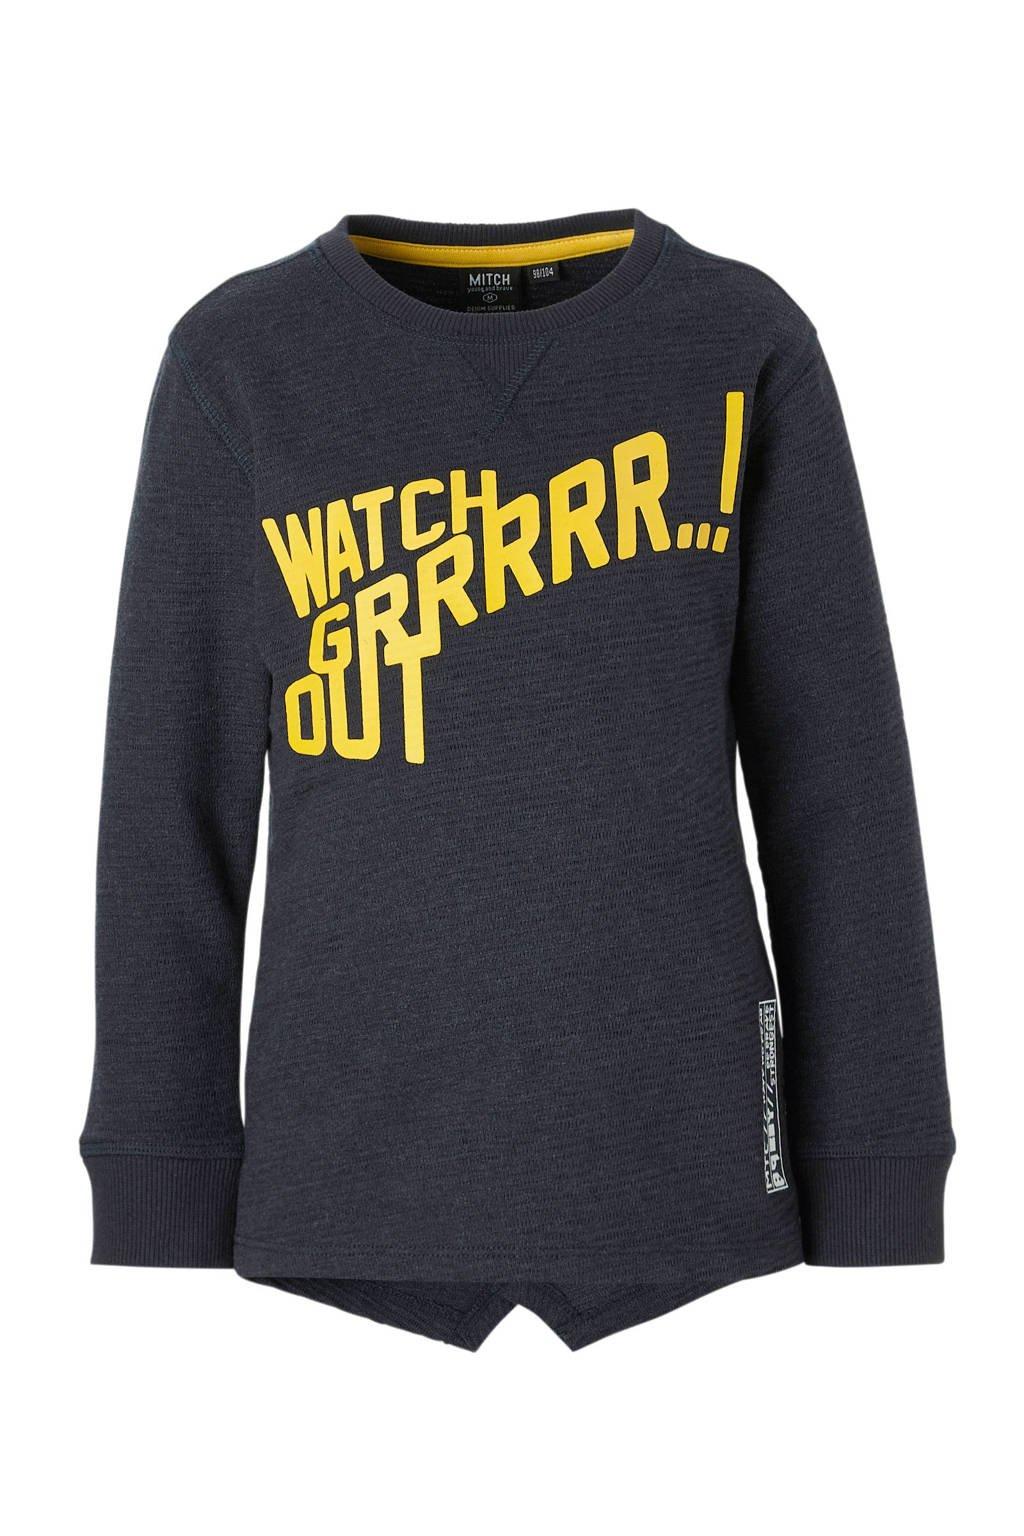 Mitch sweater Bolt met tekst marine, Marine/geel